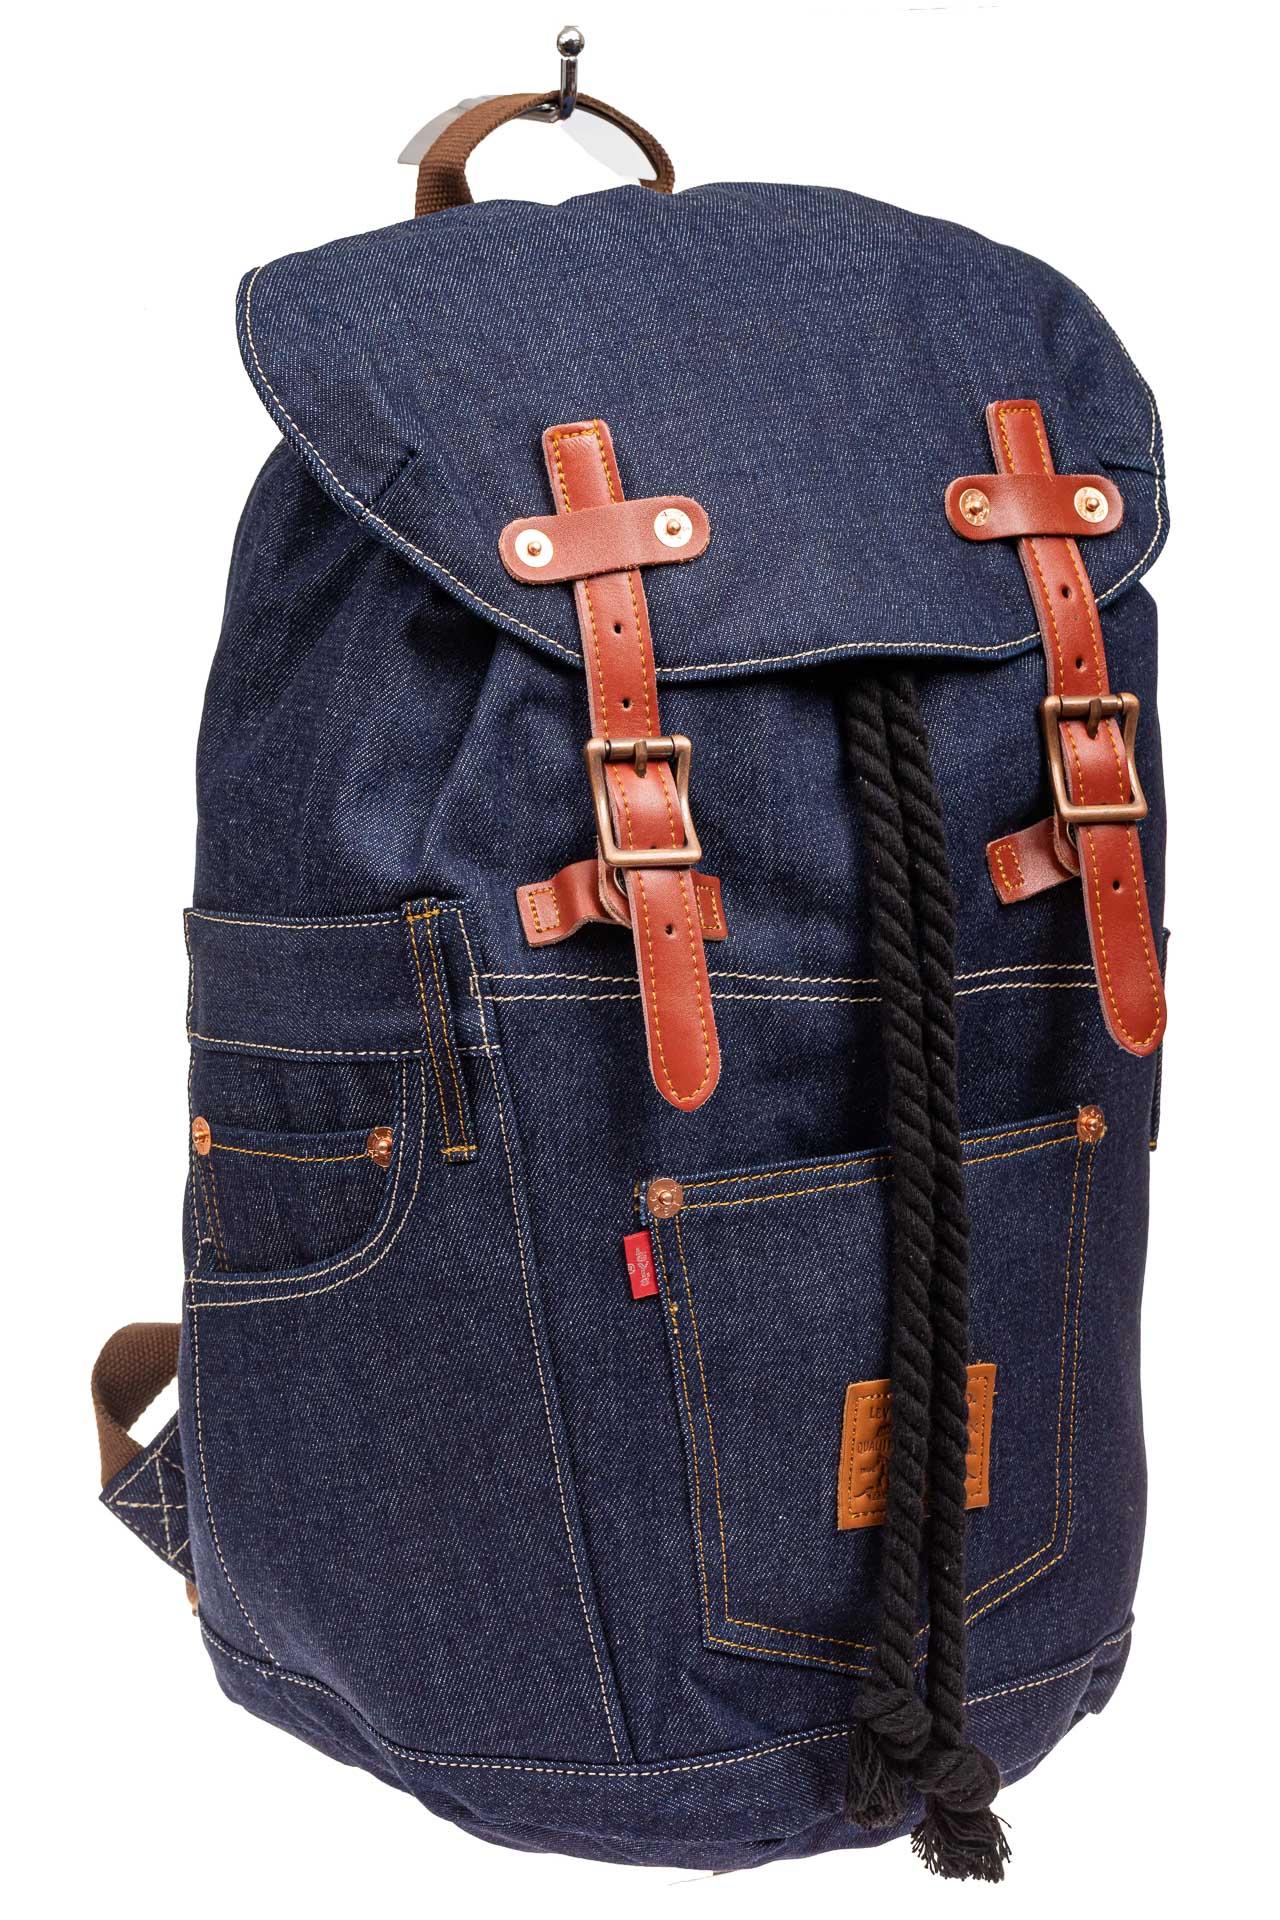 Городской рюкзак мужской из джинсовой ткани, цвет синий